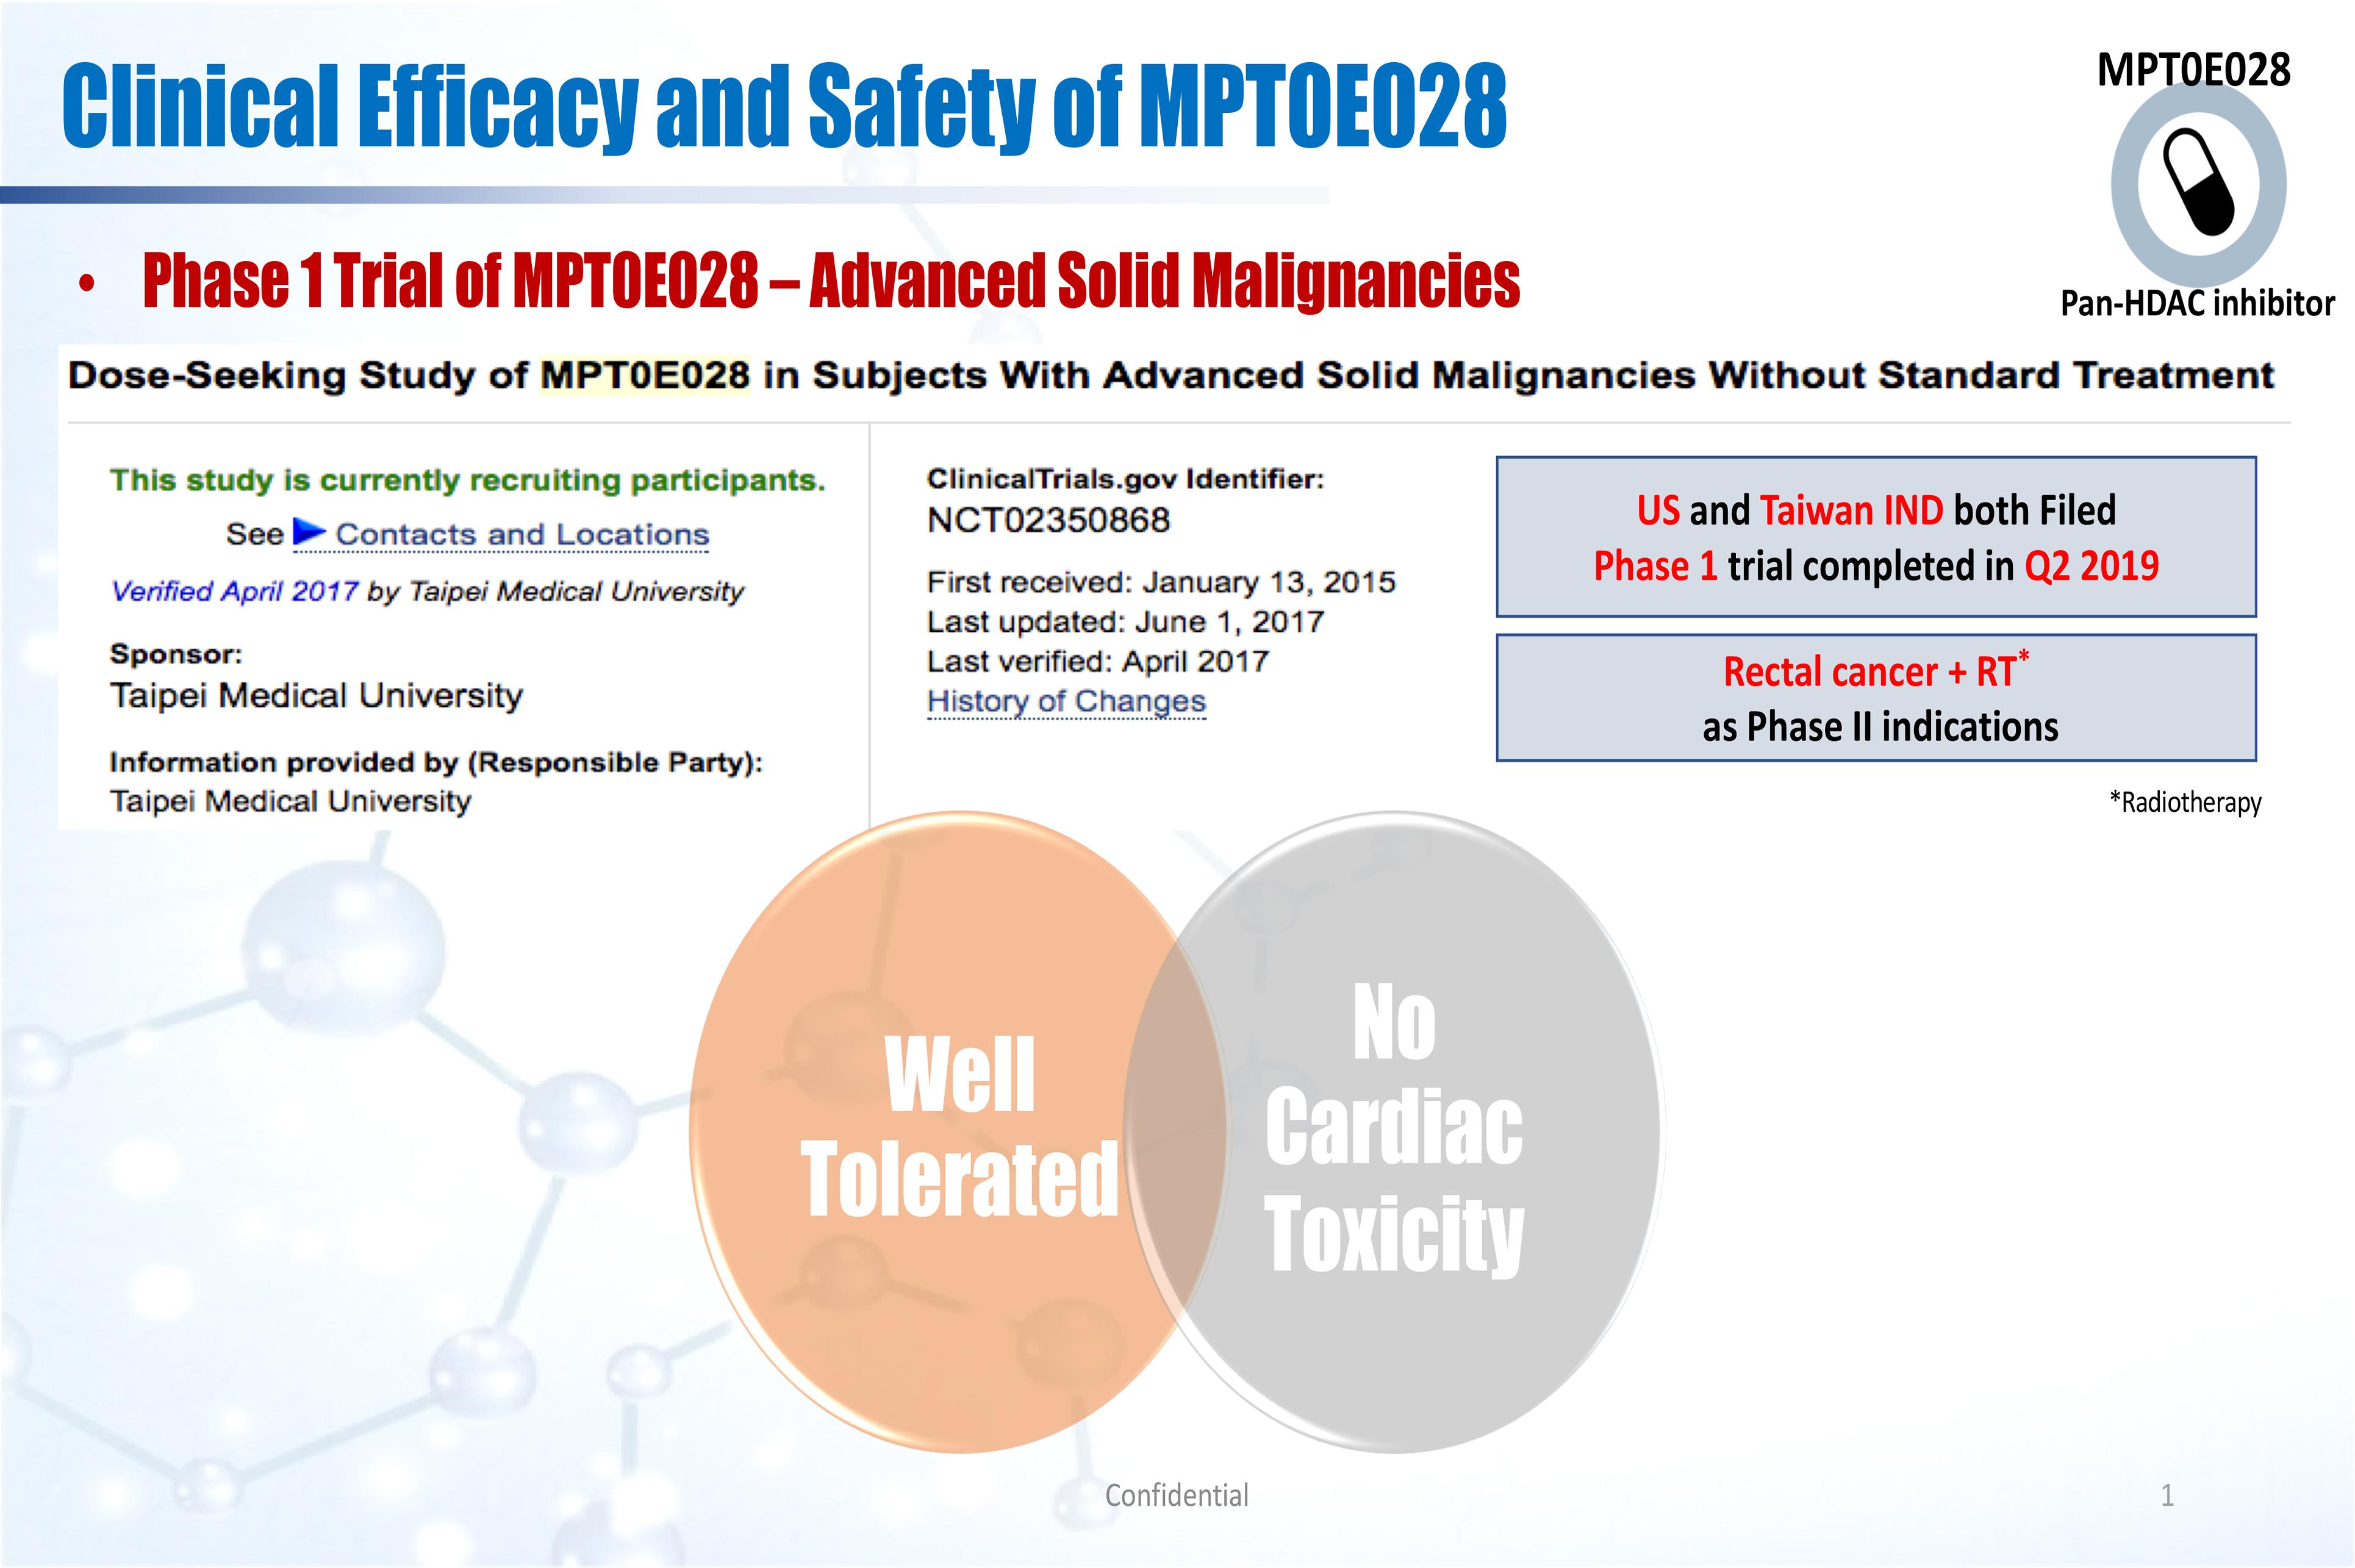 MPT0E028於第一期臨床試驗之效果與安全性